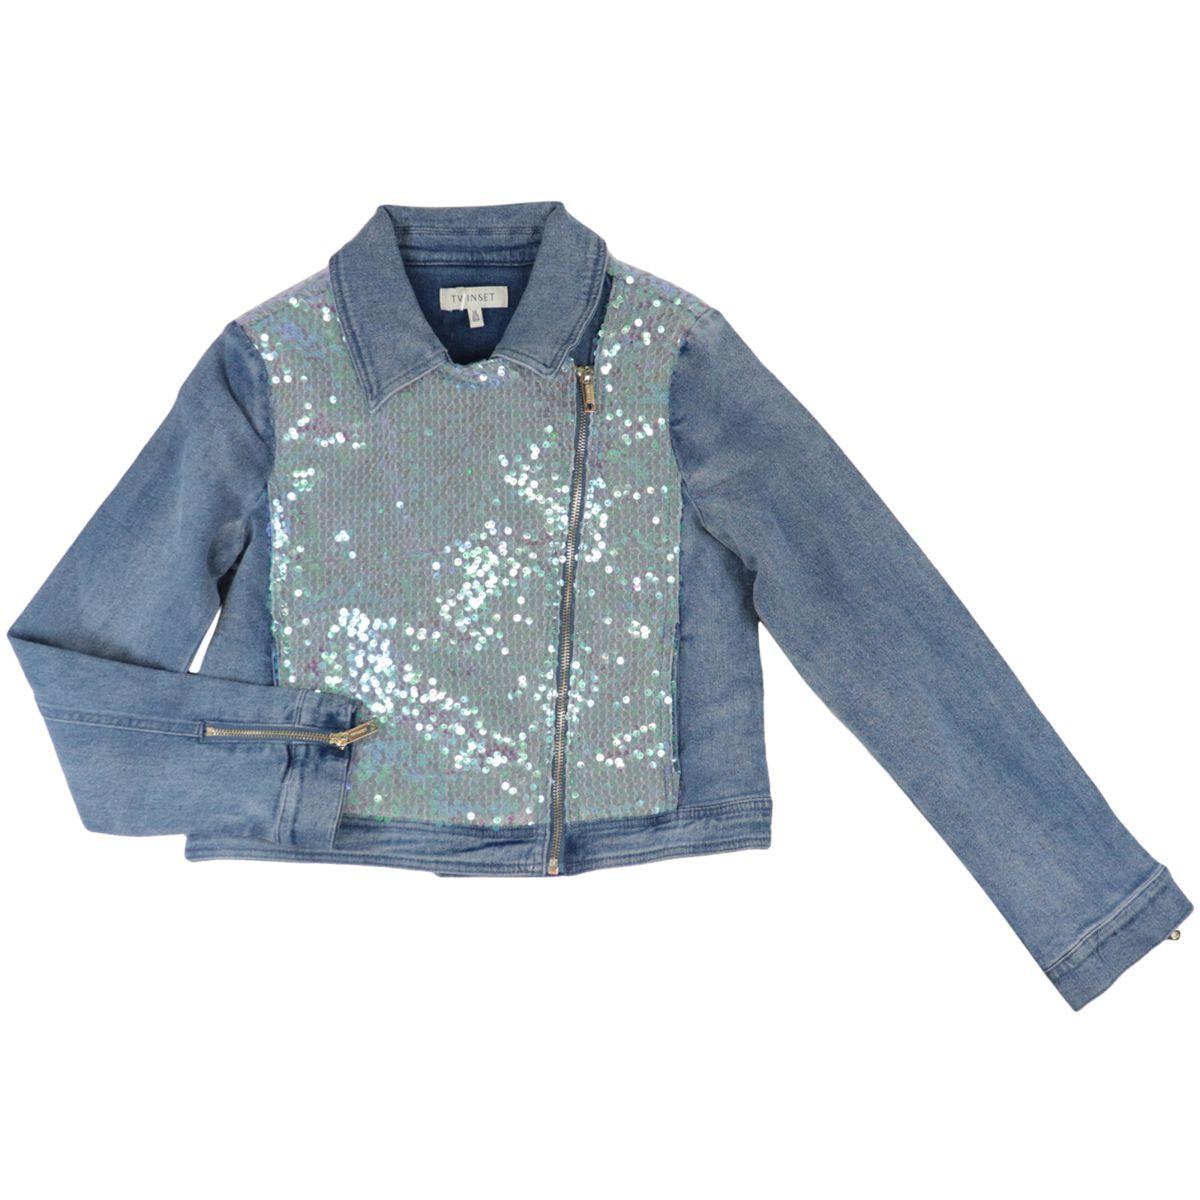 Giacca chiodo in jeans stretch con paillettes iridescenti Denim medio Twin-Set